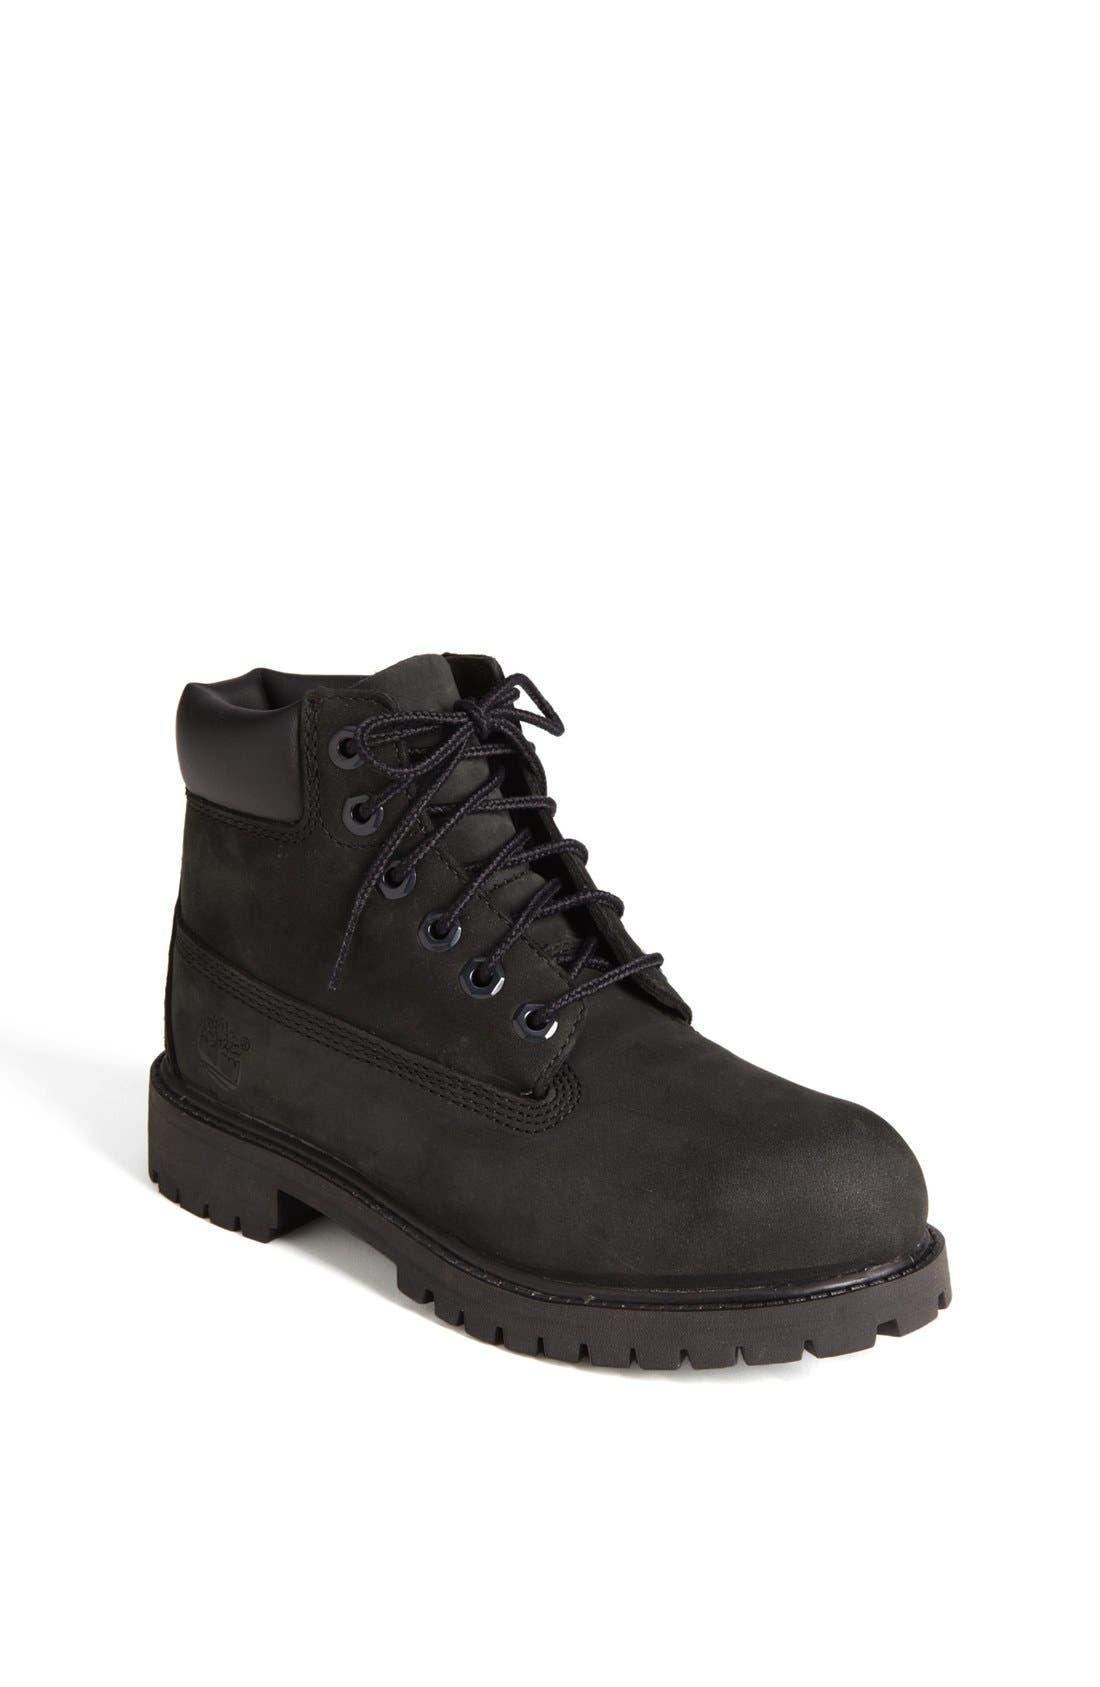 '6 Inch Premium' Waterproof Boot,                         Main,                         color, 001